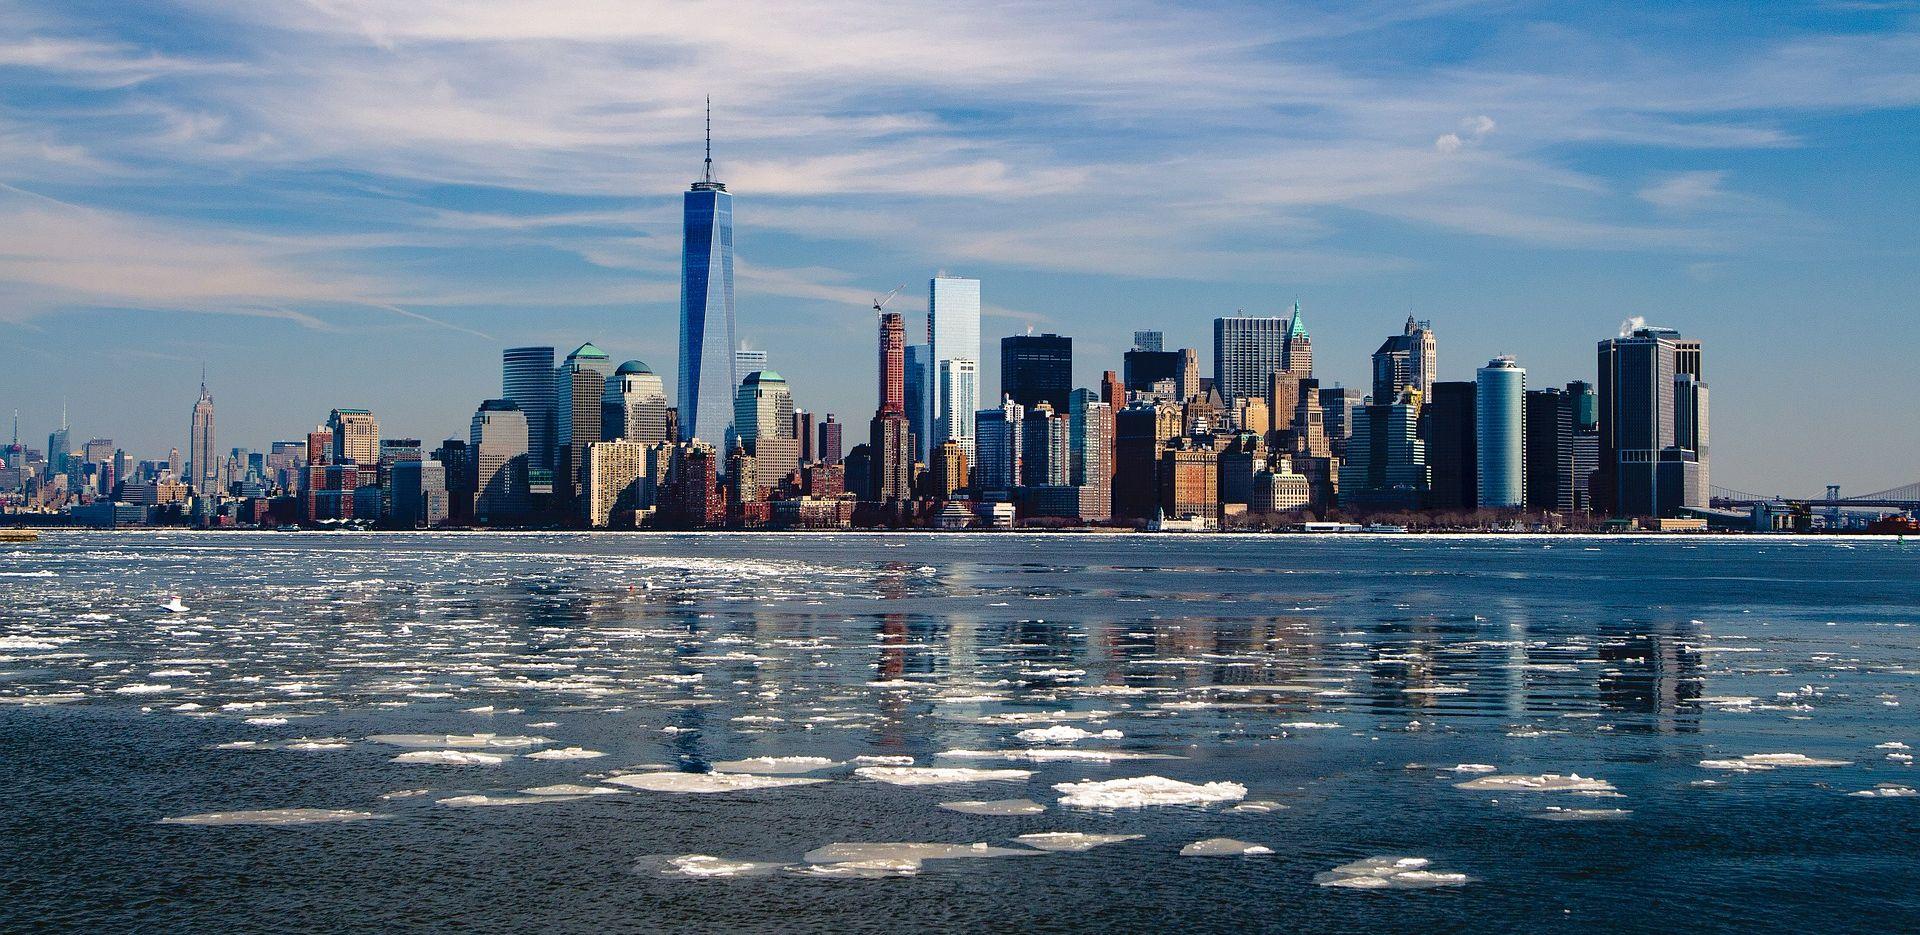 Blizanci uhićeni zbog planiranja bombaškog napada u New Yorku